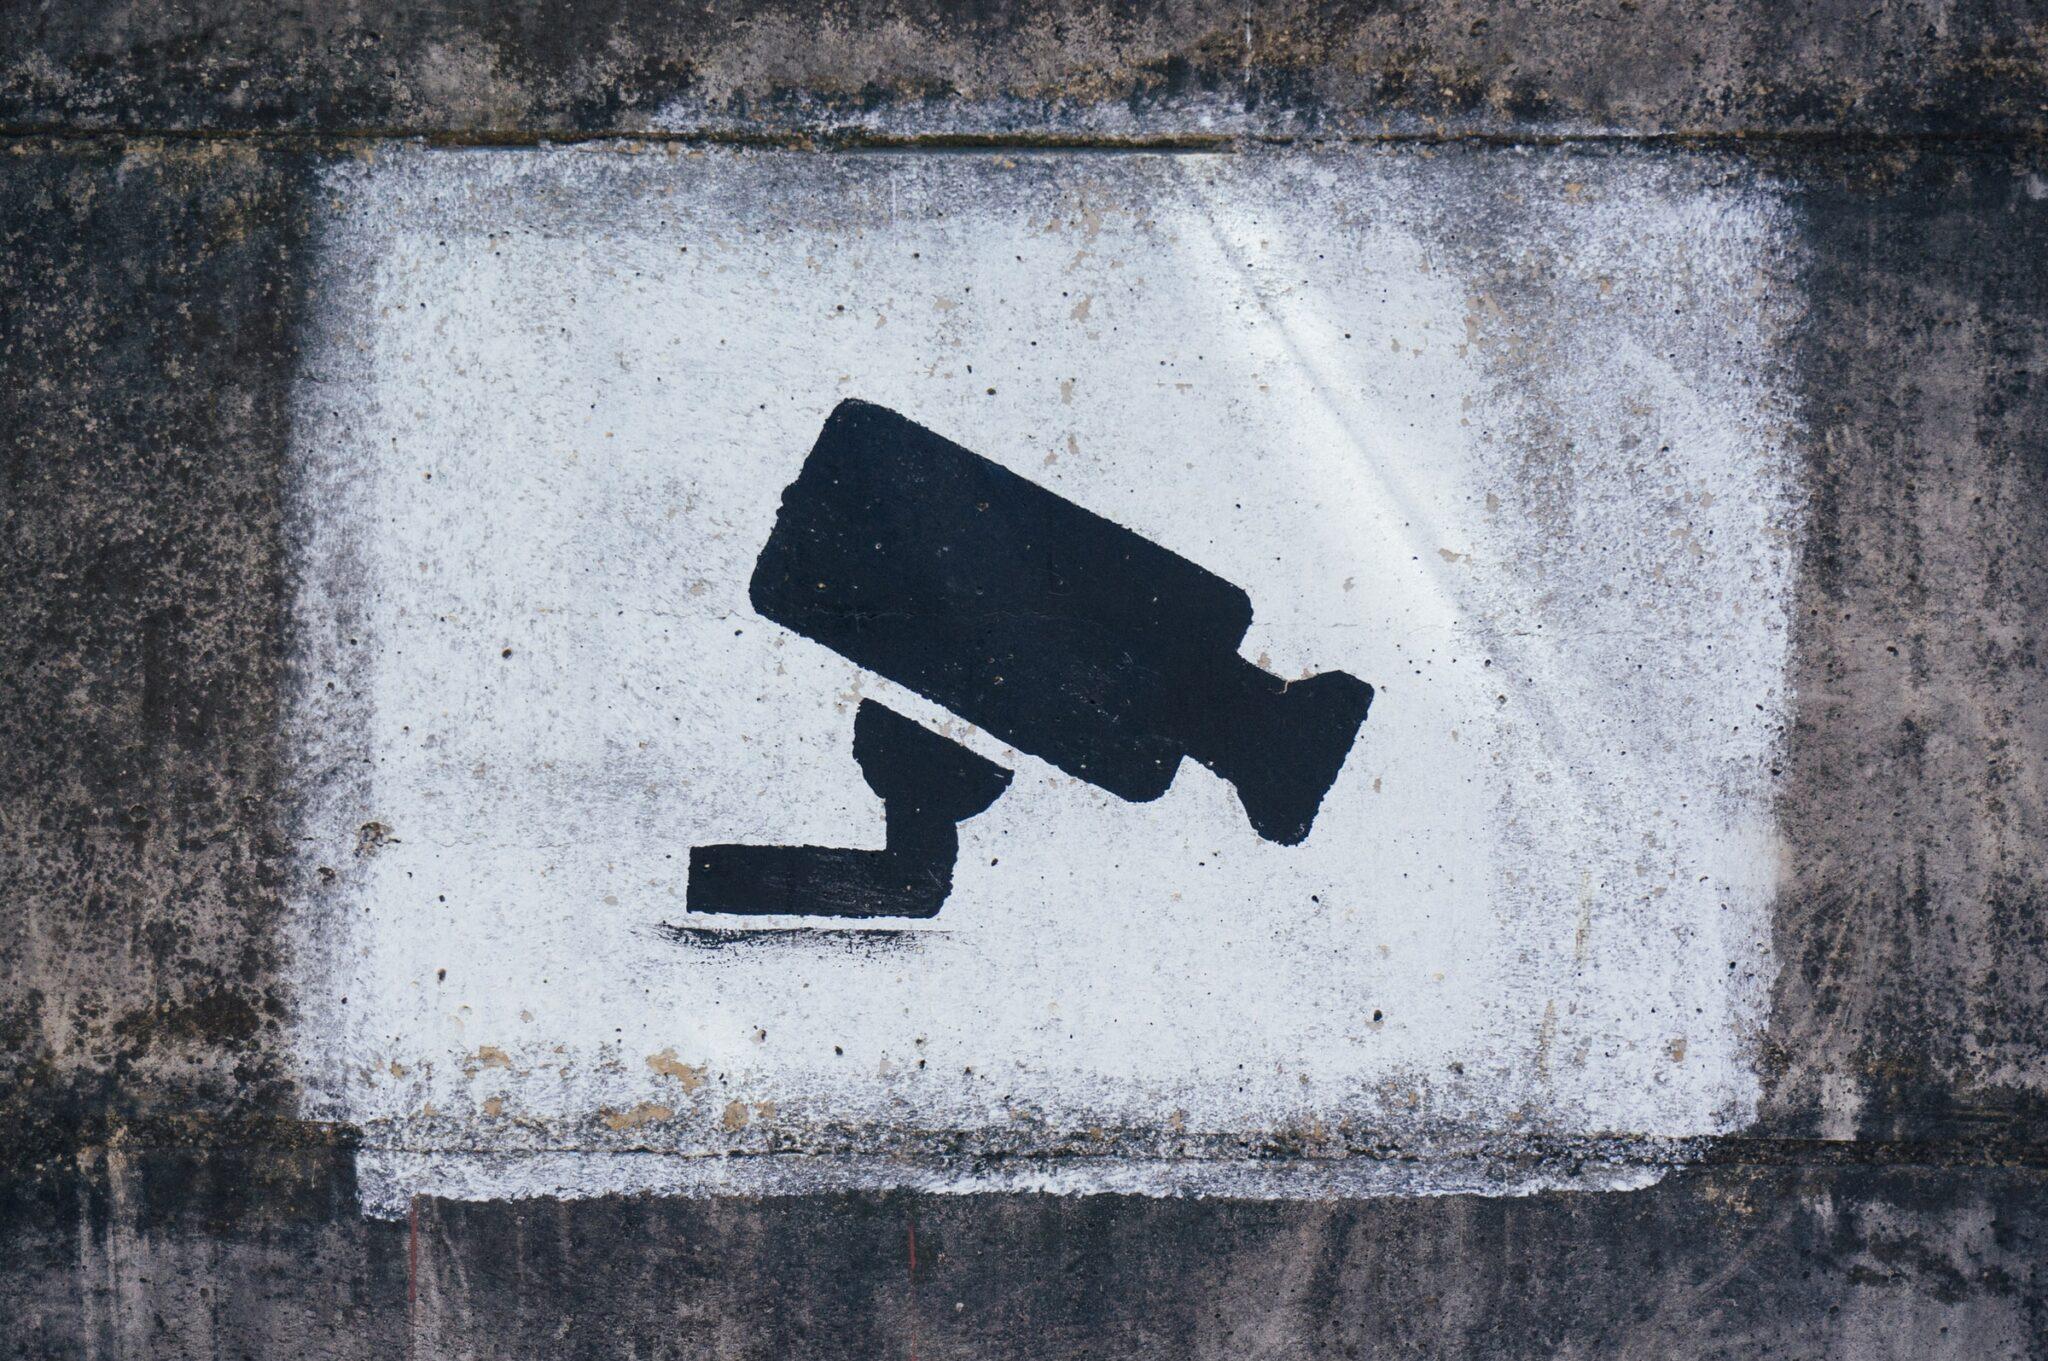 Eine stilisierte Überwachungskamera, die auf eine Wand gesprüht ist.